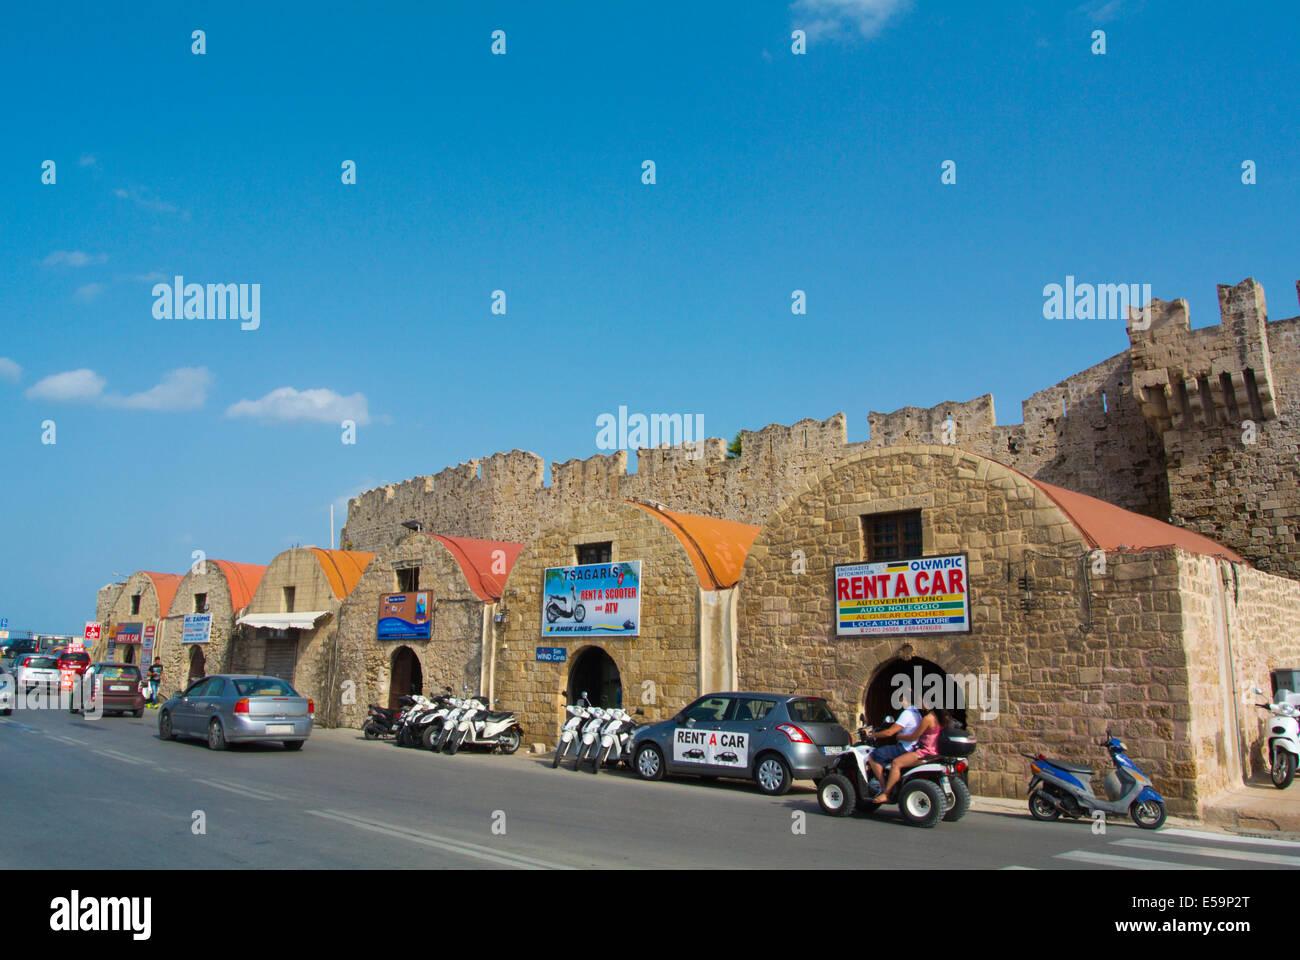 Agenzie di viaggio e noleggio veicolo posti dal porto turistico, RODI, RODI, DODECANNESO isole, Grecia, Europa Immagini Stock